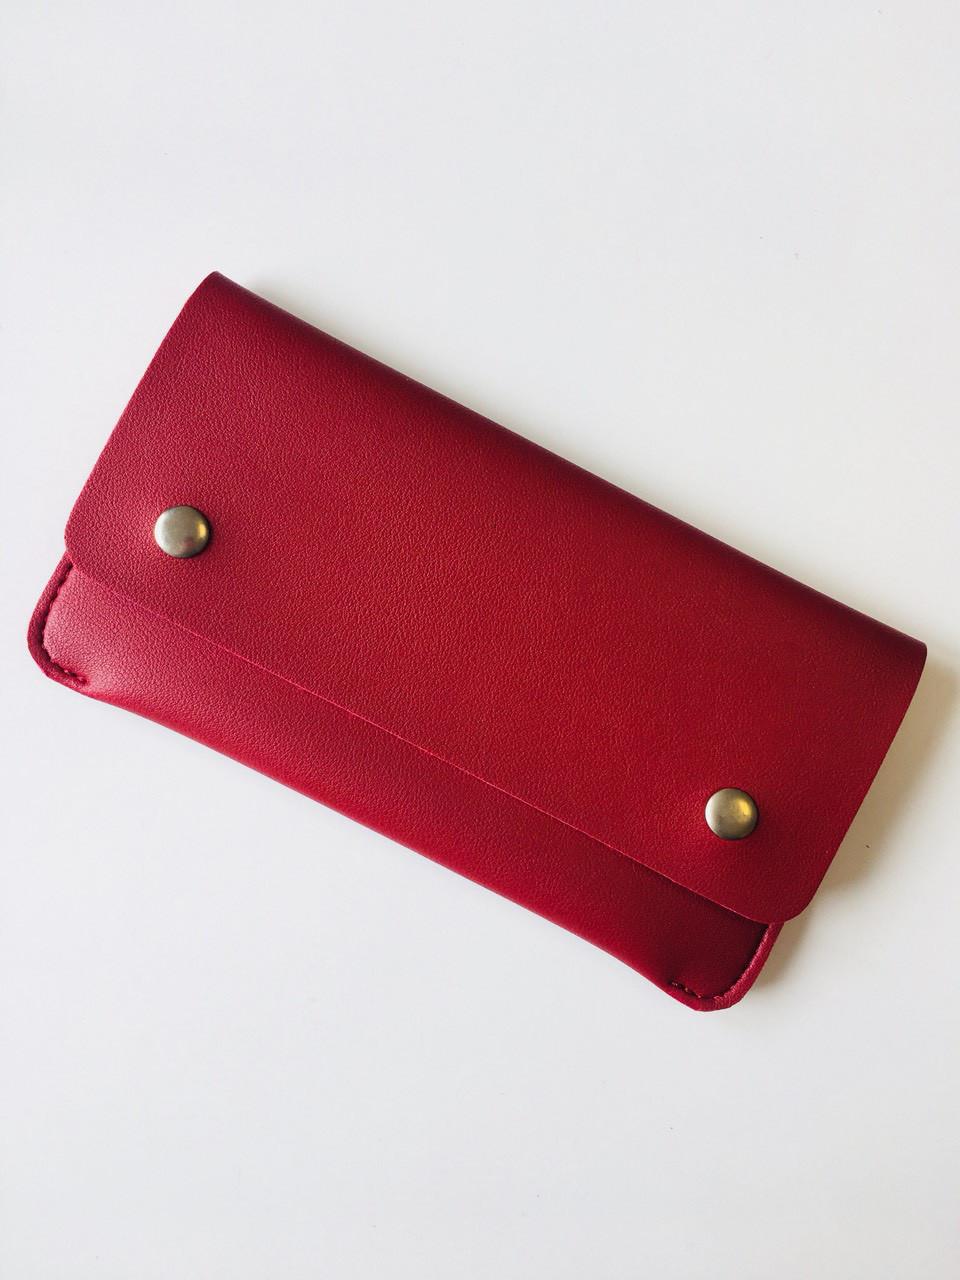 Женский кошелек двойного сложения из экокожи бордовый опт